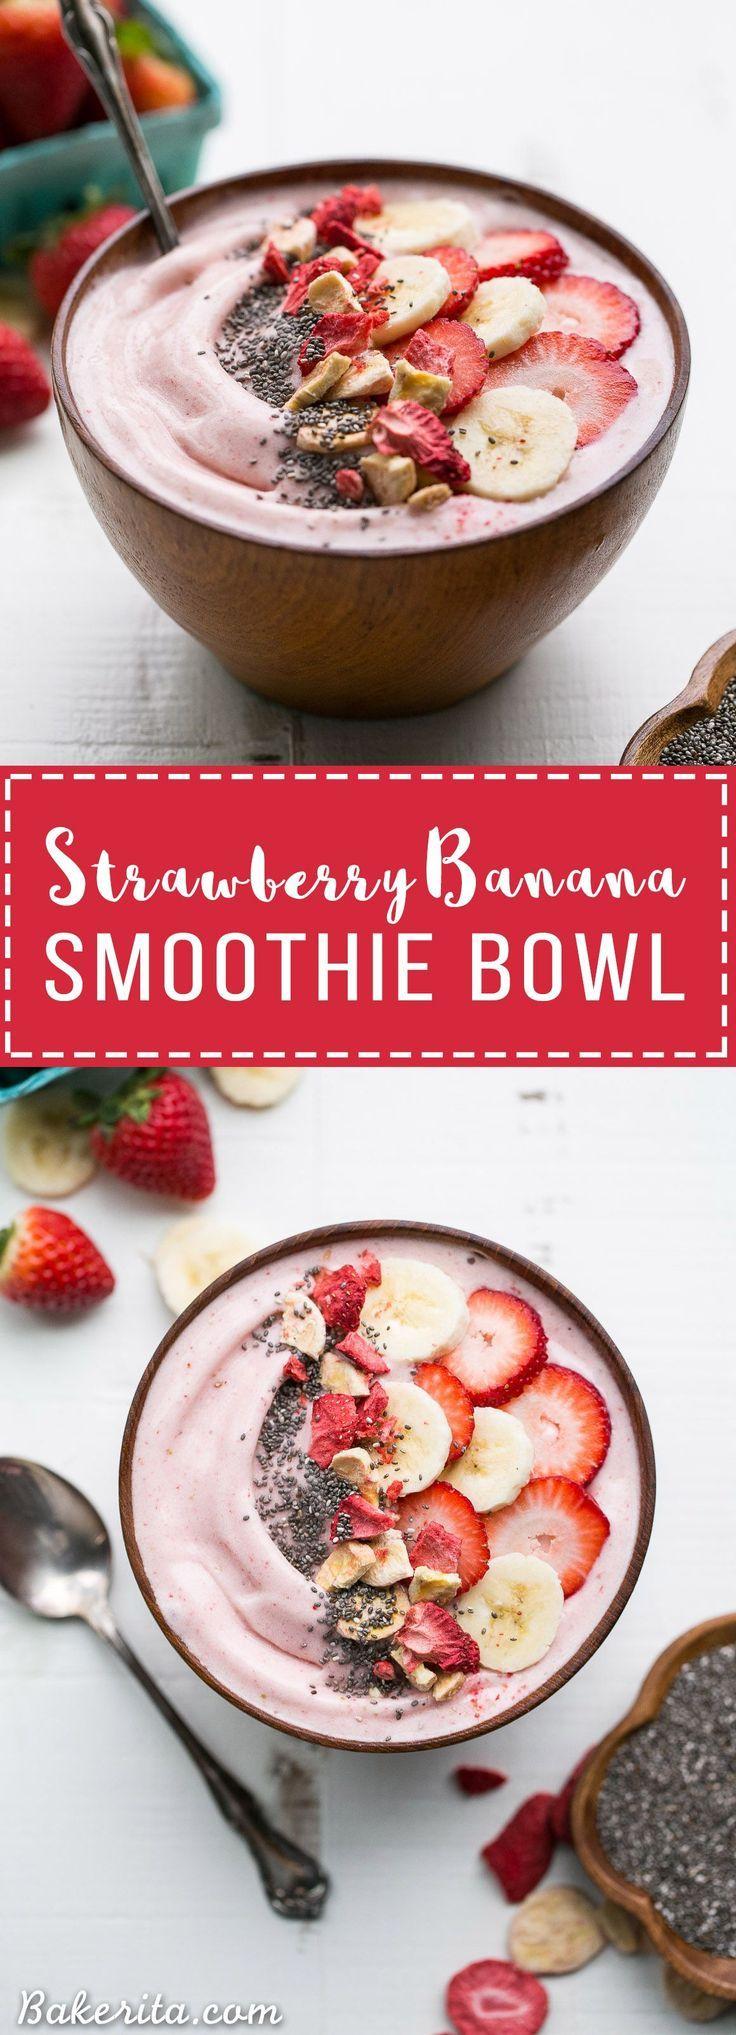 Diese einfache Erdbeer-Bananen-Smoothie-Schale ist ein einfaches und süßes Vergnügen! Es ist ...  #bananen #diese #einfache #einfaches #erdbeer #schale #smoothie #strawberrybananasmoothie